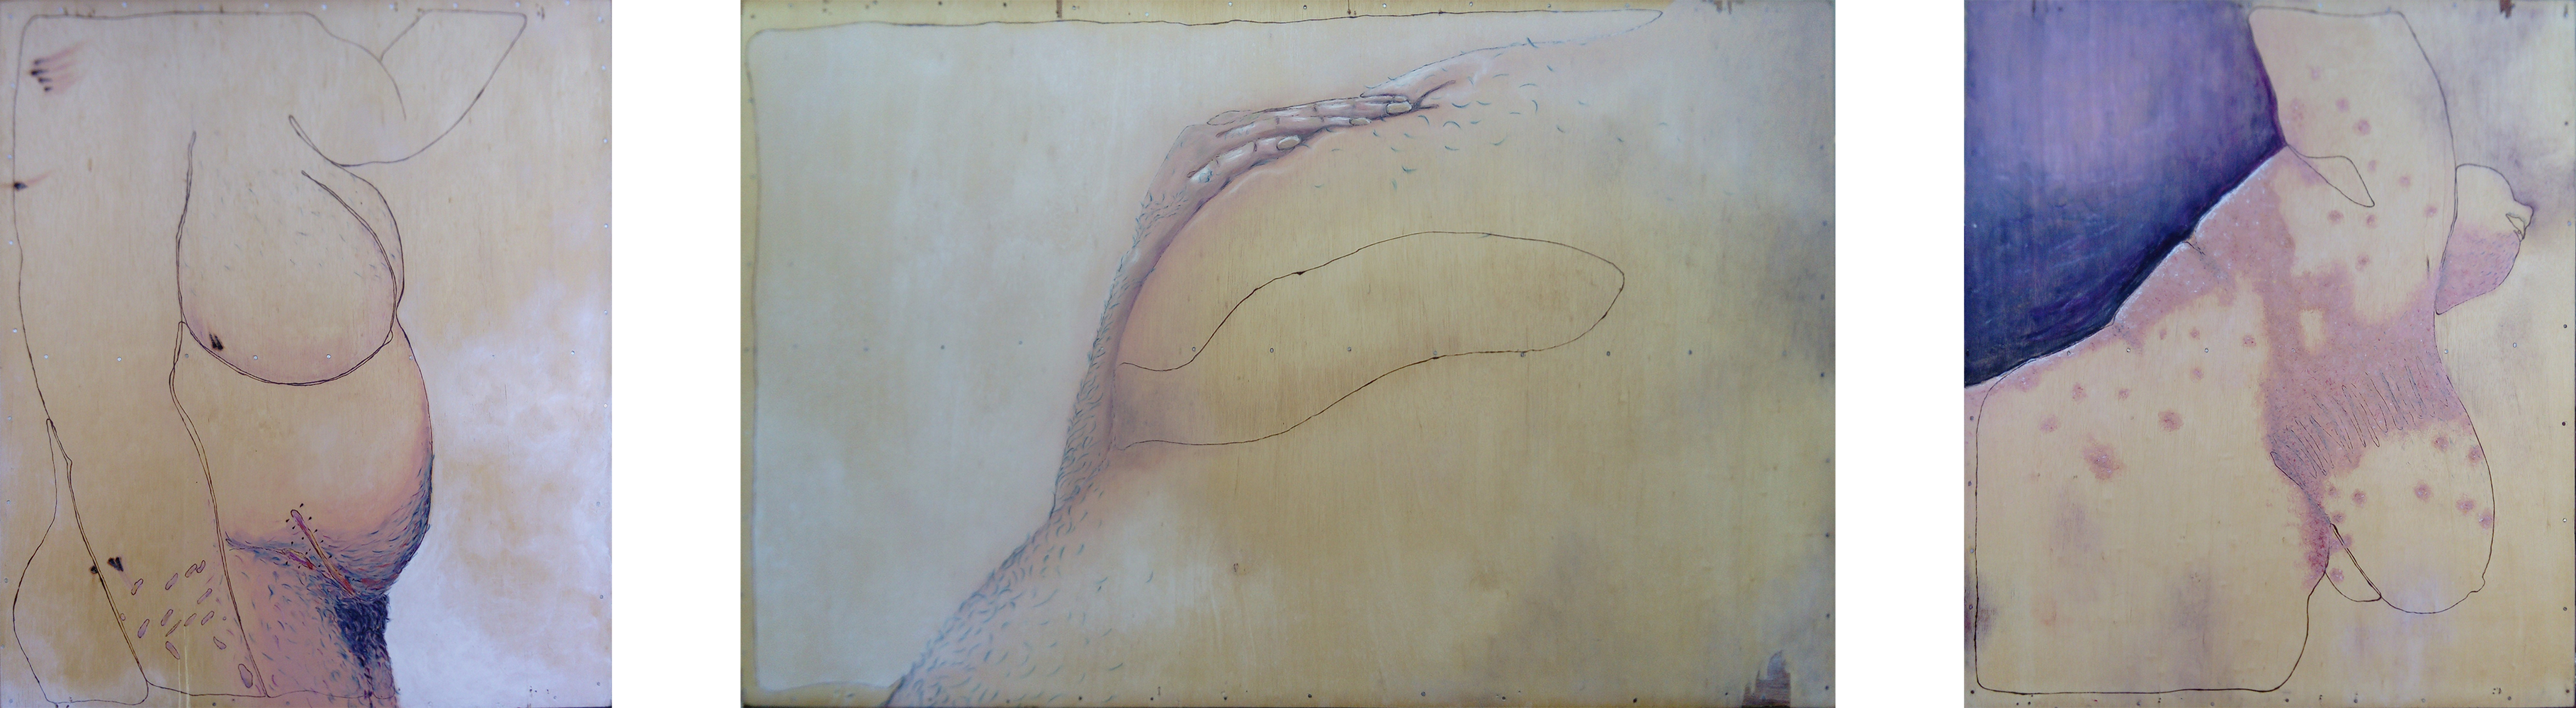 Drei Fotos von Zeichungen auf hellem Holz. Die linke Zeichnung ist annähernd quadratisch. sie zeigt Tristan Maries Rumpf im Profil. An Bauch und Armen sind Narben. Die Rechte zeichnung ist ebenfalls annähernd quadratisch. Sie zeigt Tristan Maries vorgebeugten Oberkörper seitlich von unten. Auf der Haut ist in großflächiger Ausschlag. Die Mittlere zeichung ist so hoch wie die anderen, aber sehr breit. Sie zeigt einen kleinen Teil des Rumpfes von unten. Eine Brust wird von einer Hand gehalten. Die Zeichung wirkt verschwommen und es ist etwas unklar, wo der Körper und der Hintergrund sind. Am Punkt der Berührung ist die Zeichung deutlicher ausgearbeitet.